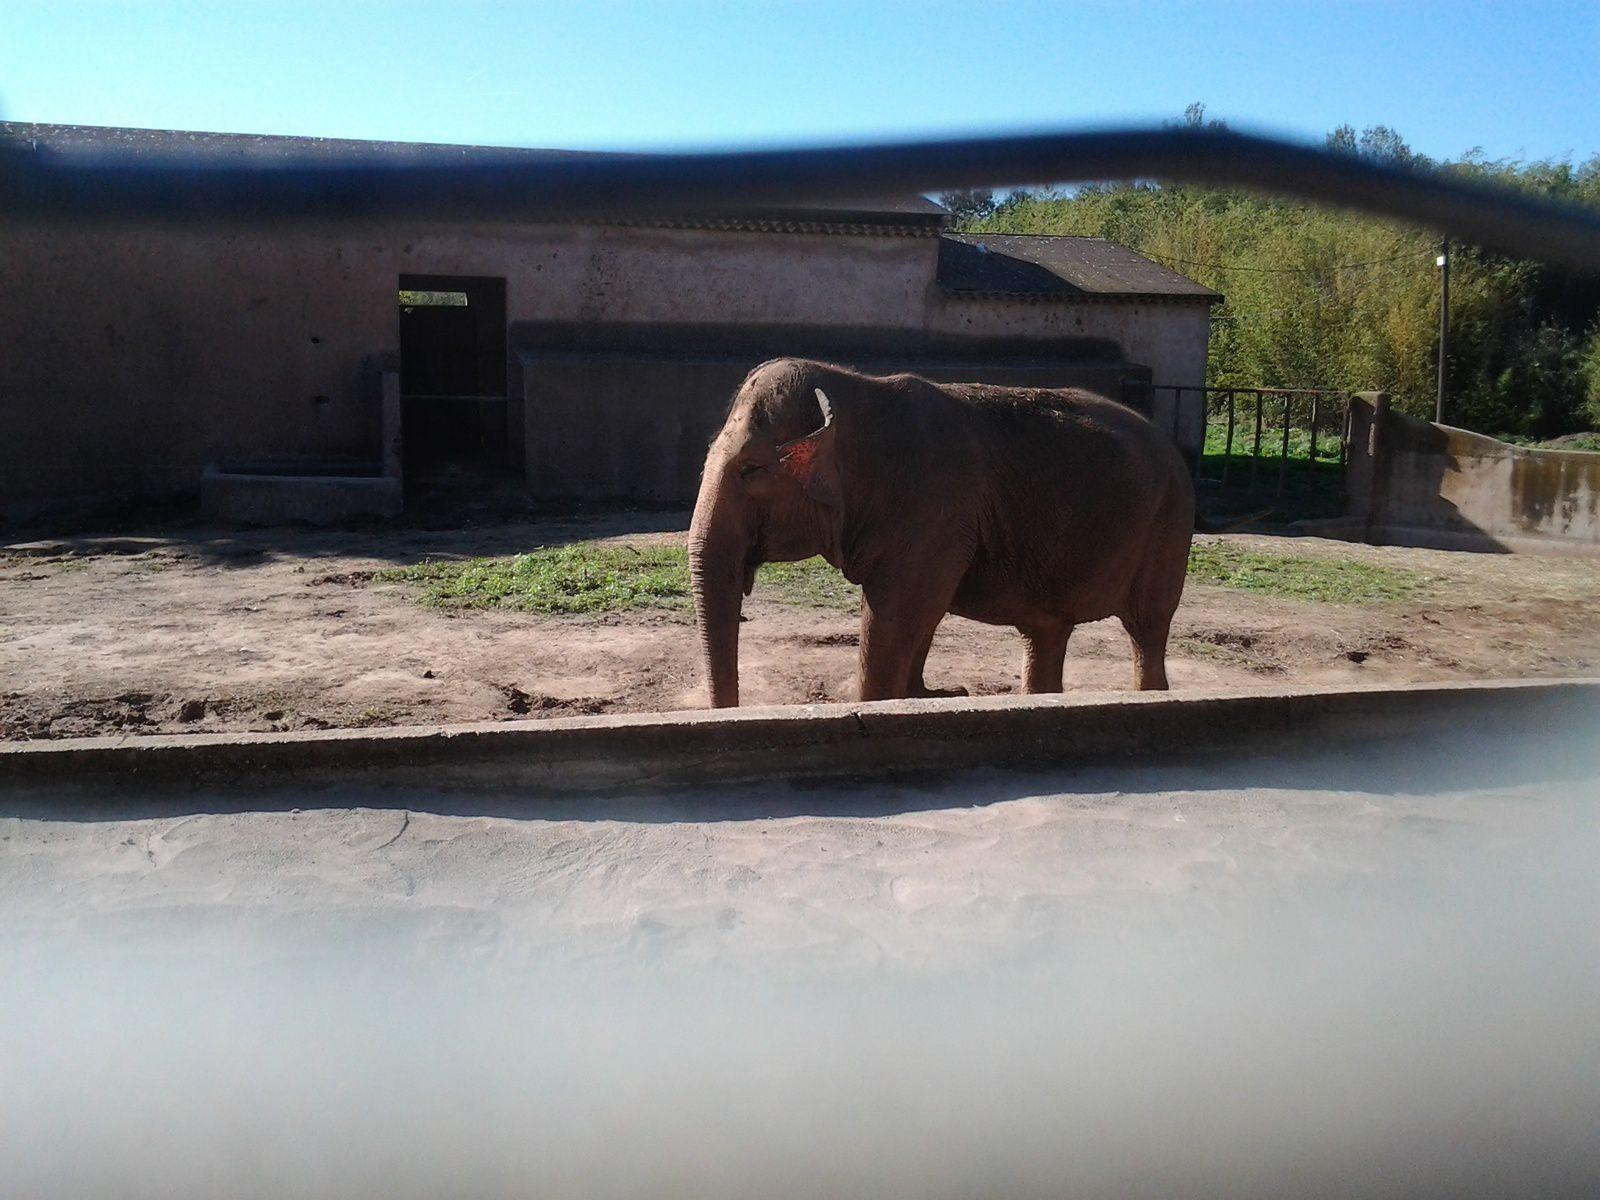 Elephant du zoo de Fréjus...enclos minuscule, pas d'eau et pas de fourage...octobre 2014 Photo© Bruno Ricard